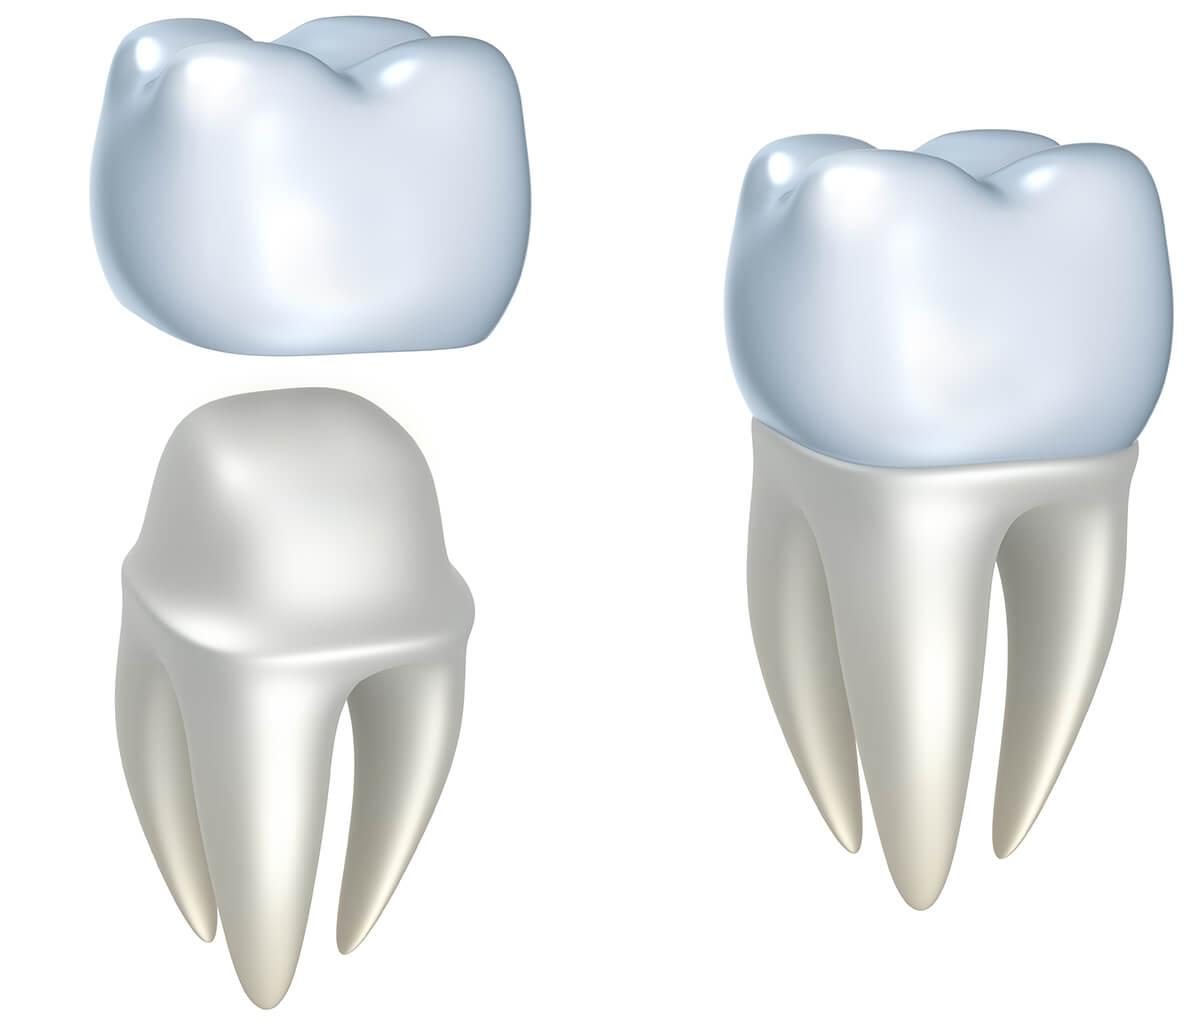 Cerec Crown Dentist at El Paso Modern Dentistry in El Paso TX Area